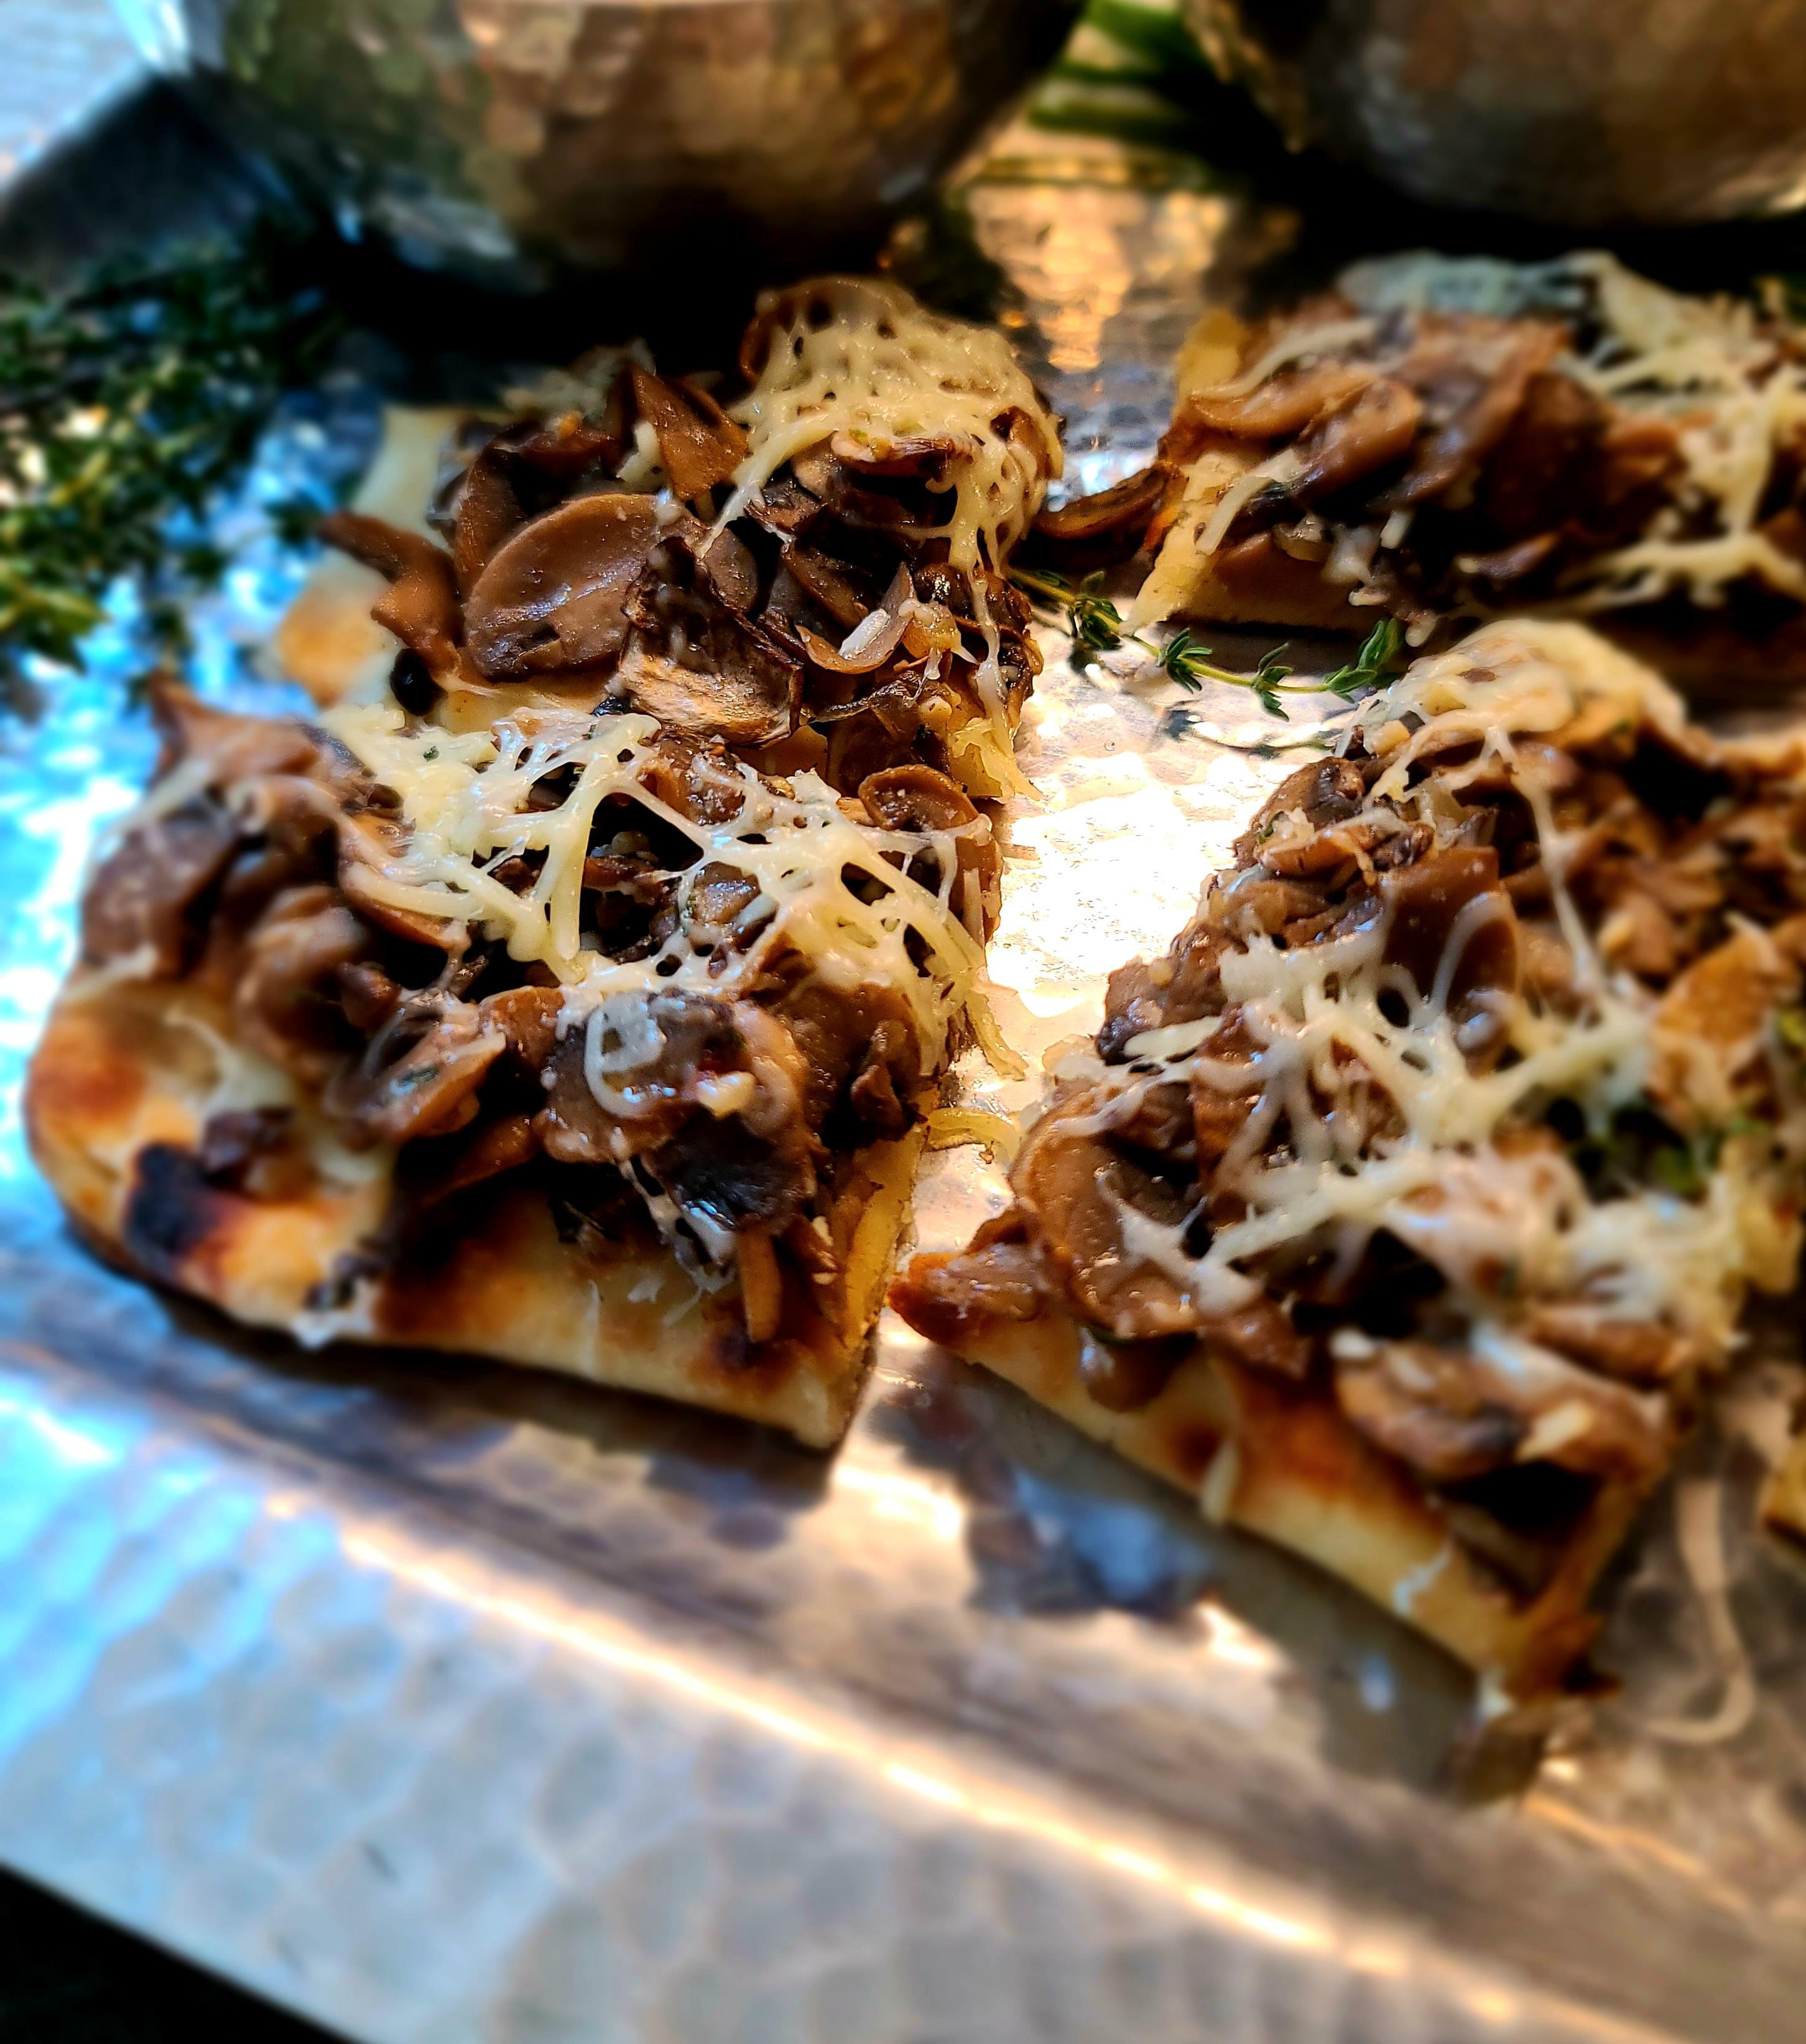 Mike's Mushroom Bread